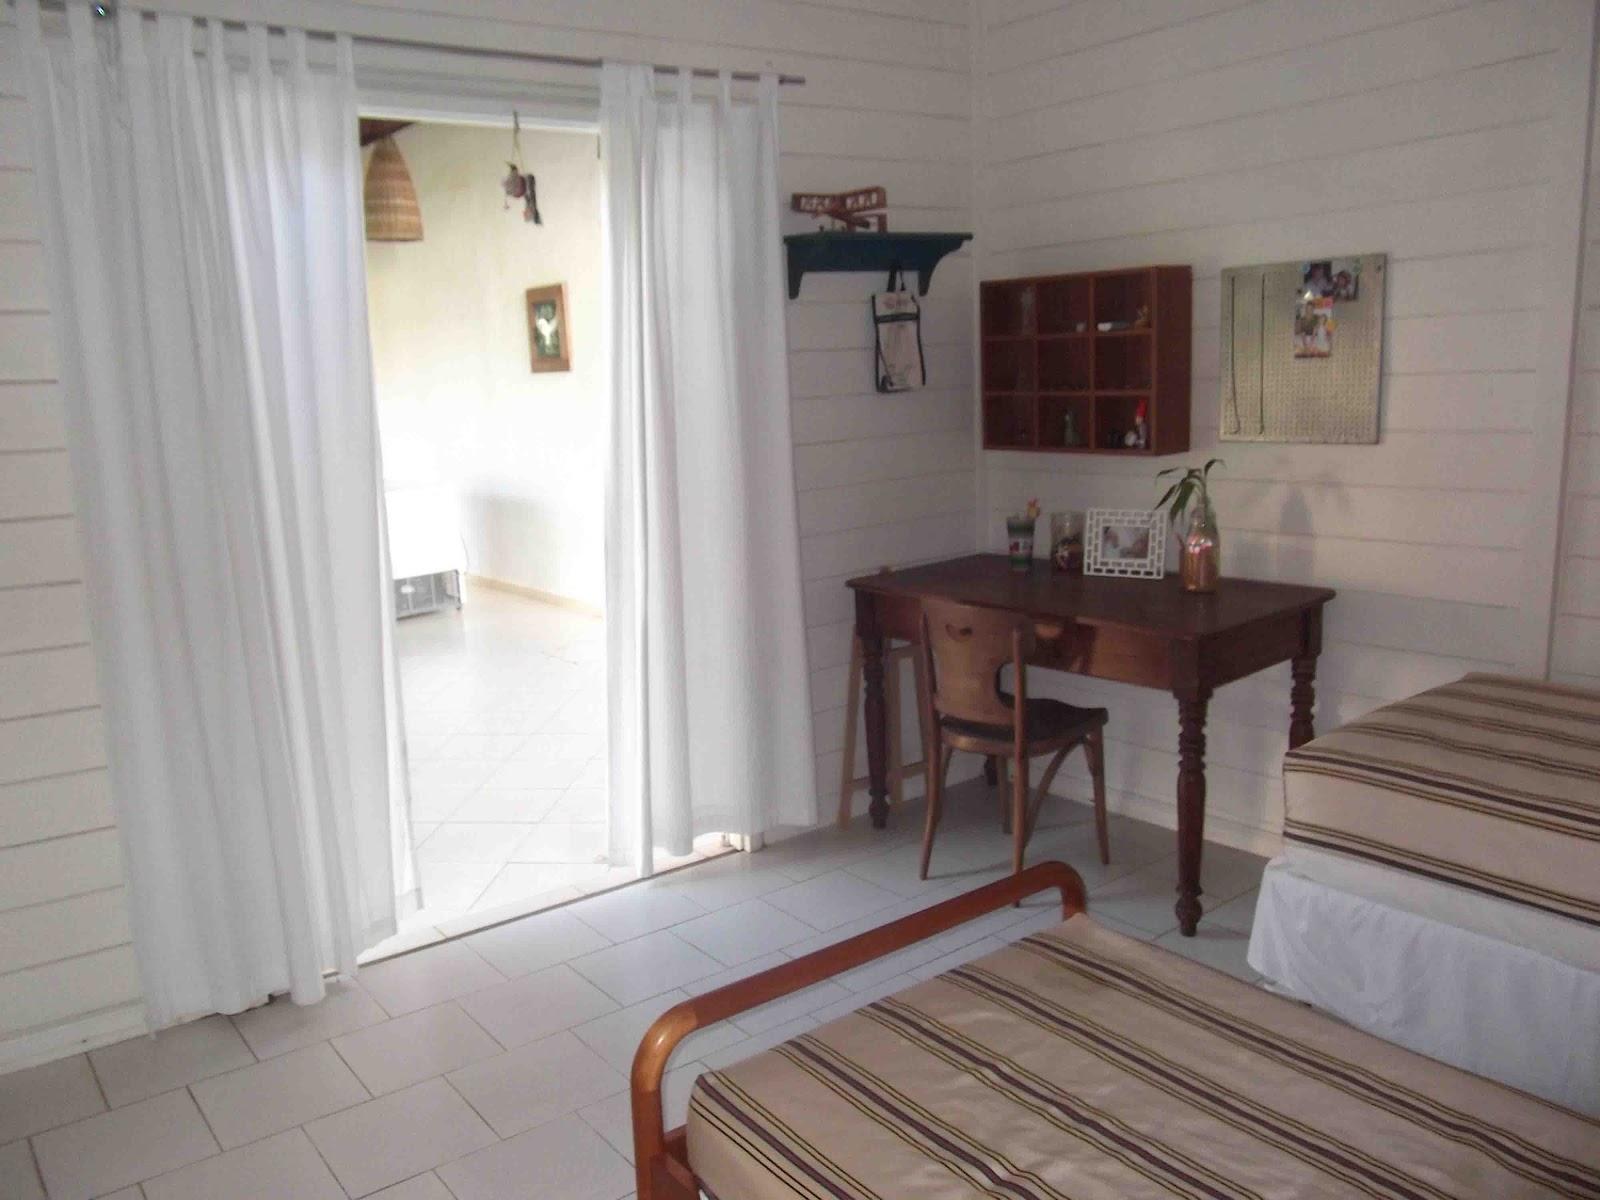 Eco House Casas E Chal S Temporada A 50m Da Praia Em Aracaju Se ~ Quarto De Casal Azul E Ar Condicionado Quarto